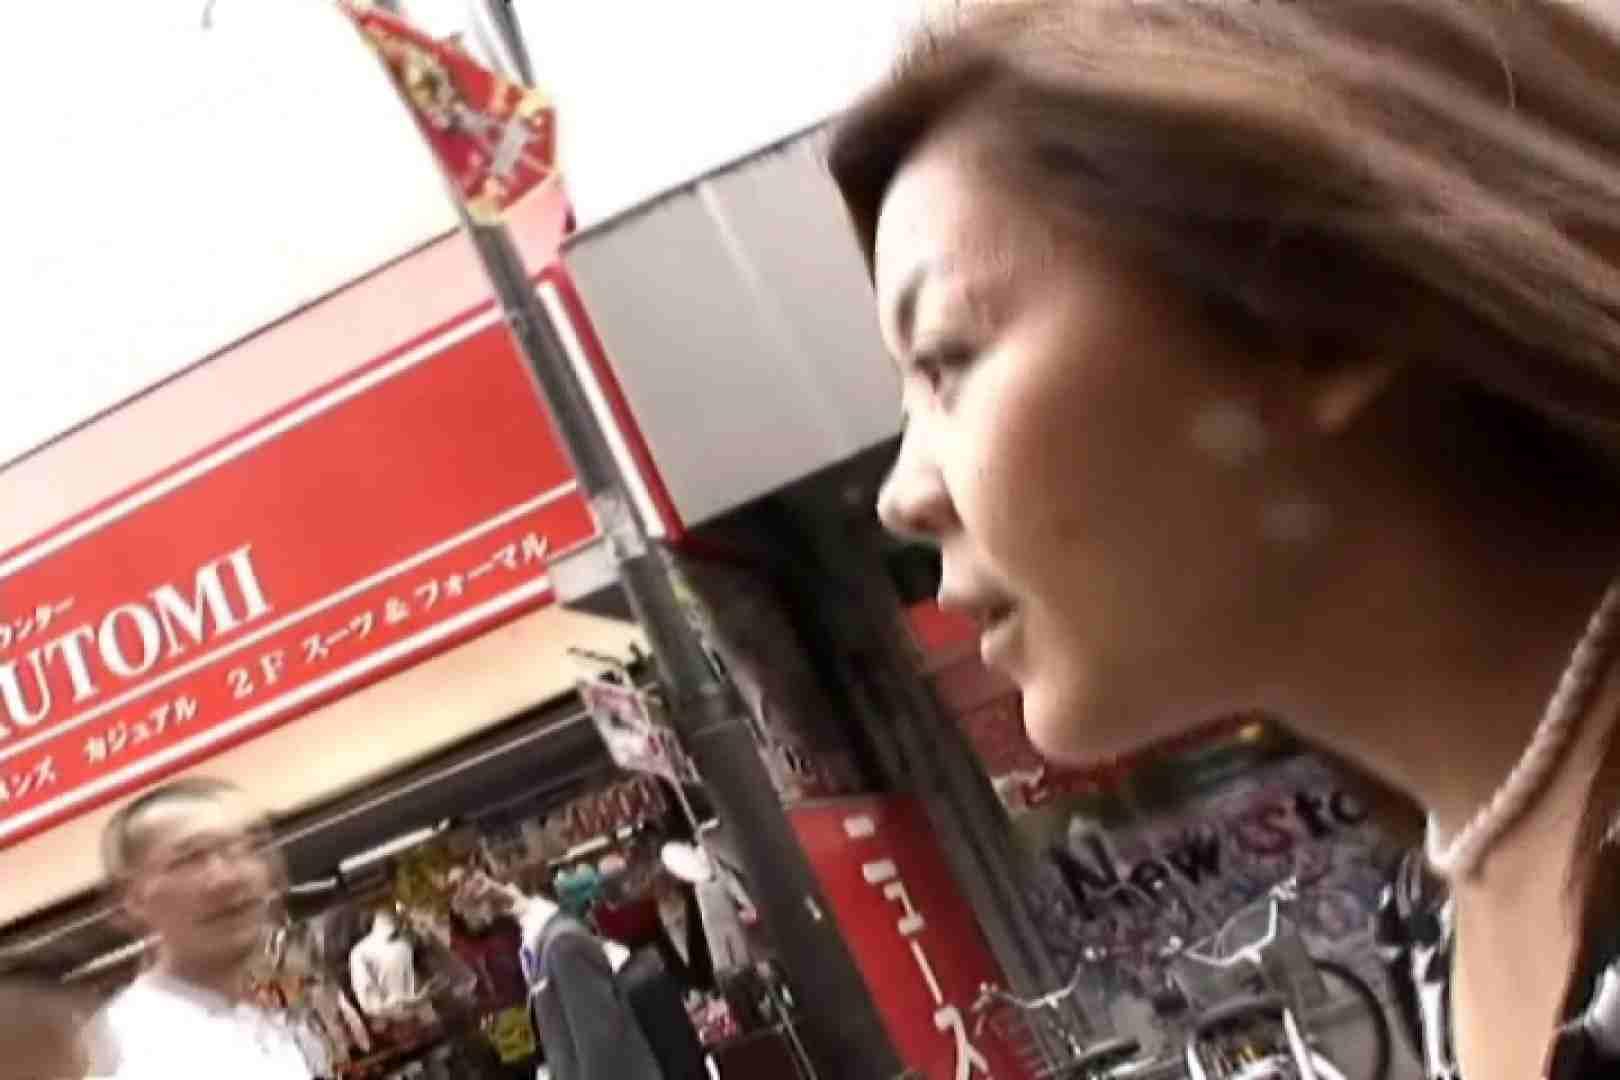 ハイビジョンパンチラ オッテQさんの追跡パンチラ制服女子編Vol.04 追跡   パンチラ  60pic 24